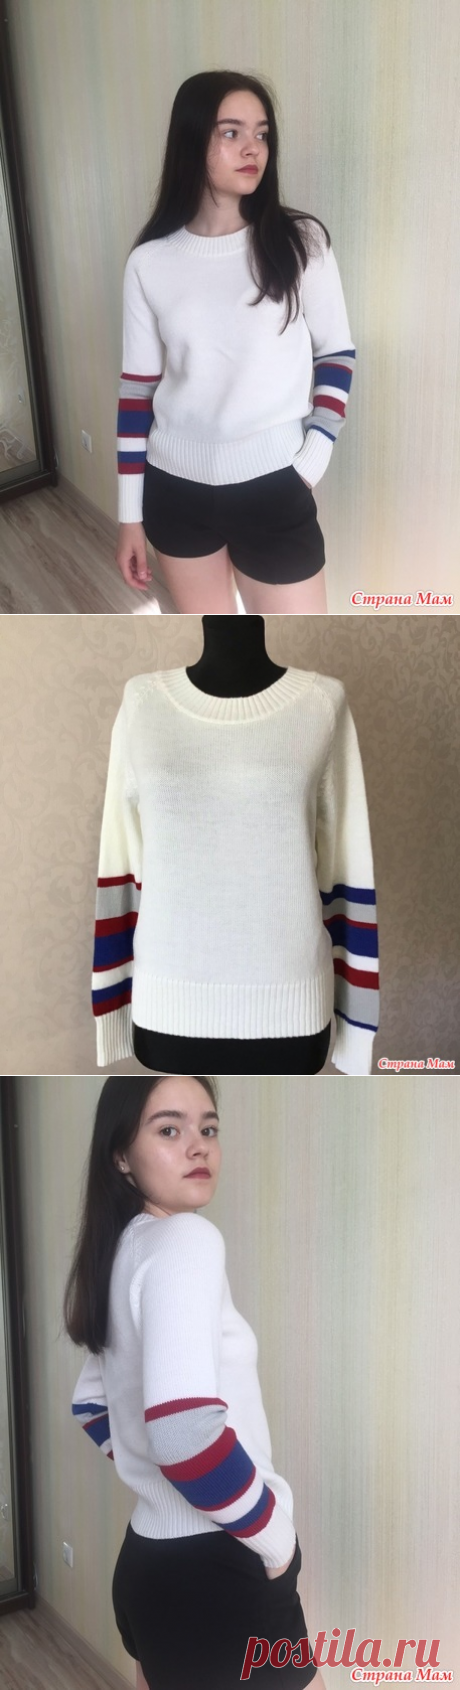 Джемпер с полосатыми рукавами - Вязание - Страна Мам